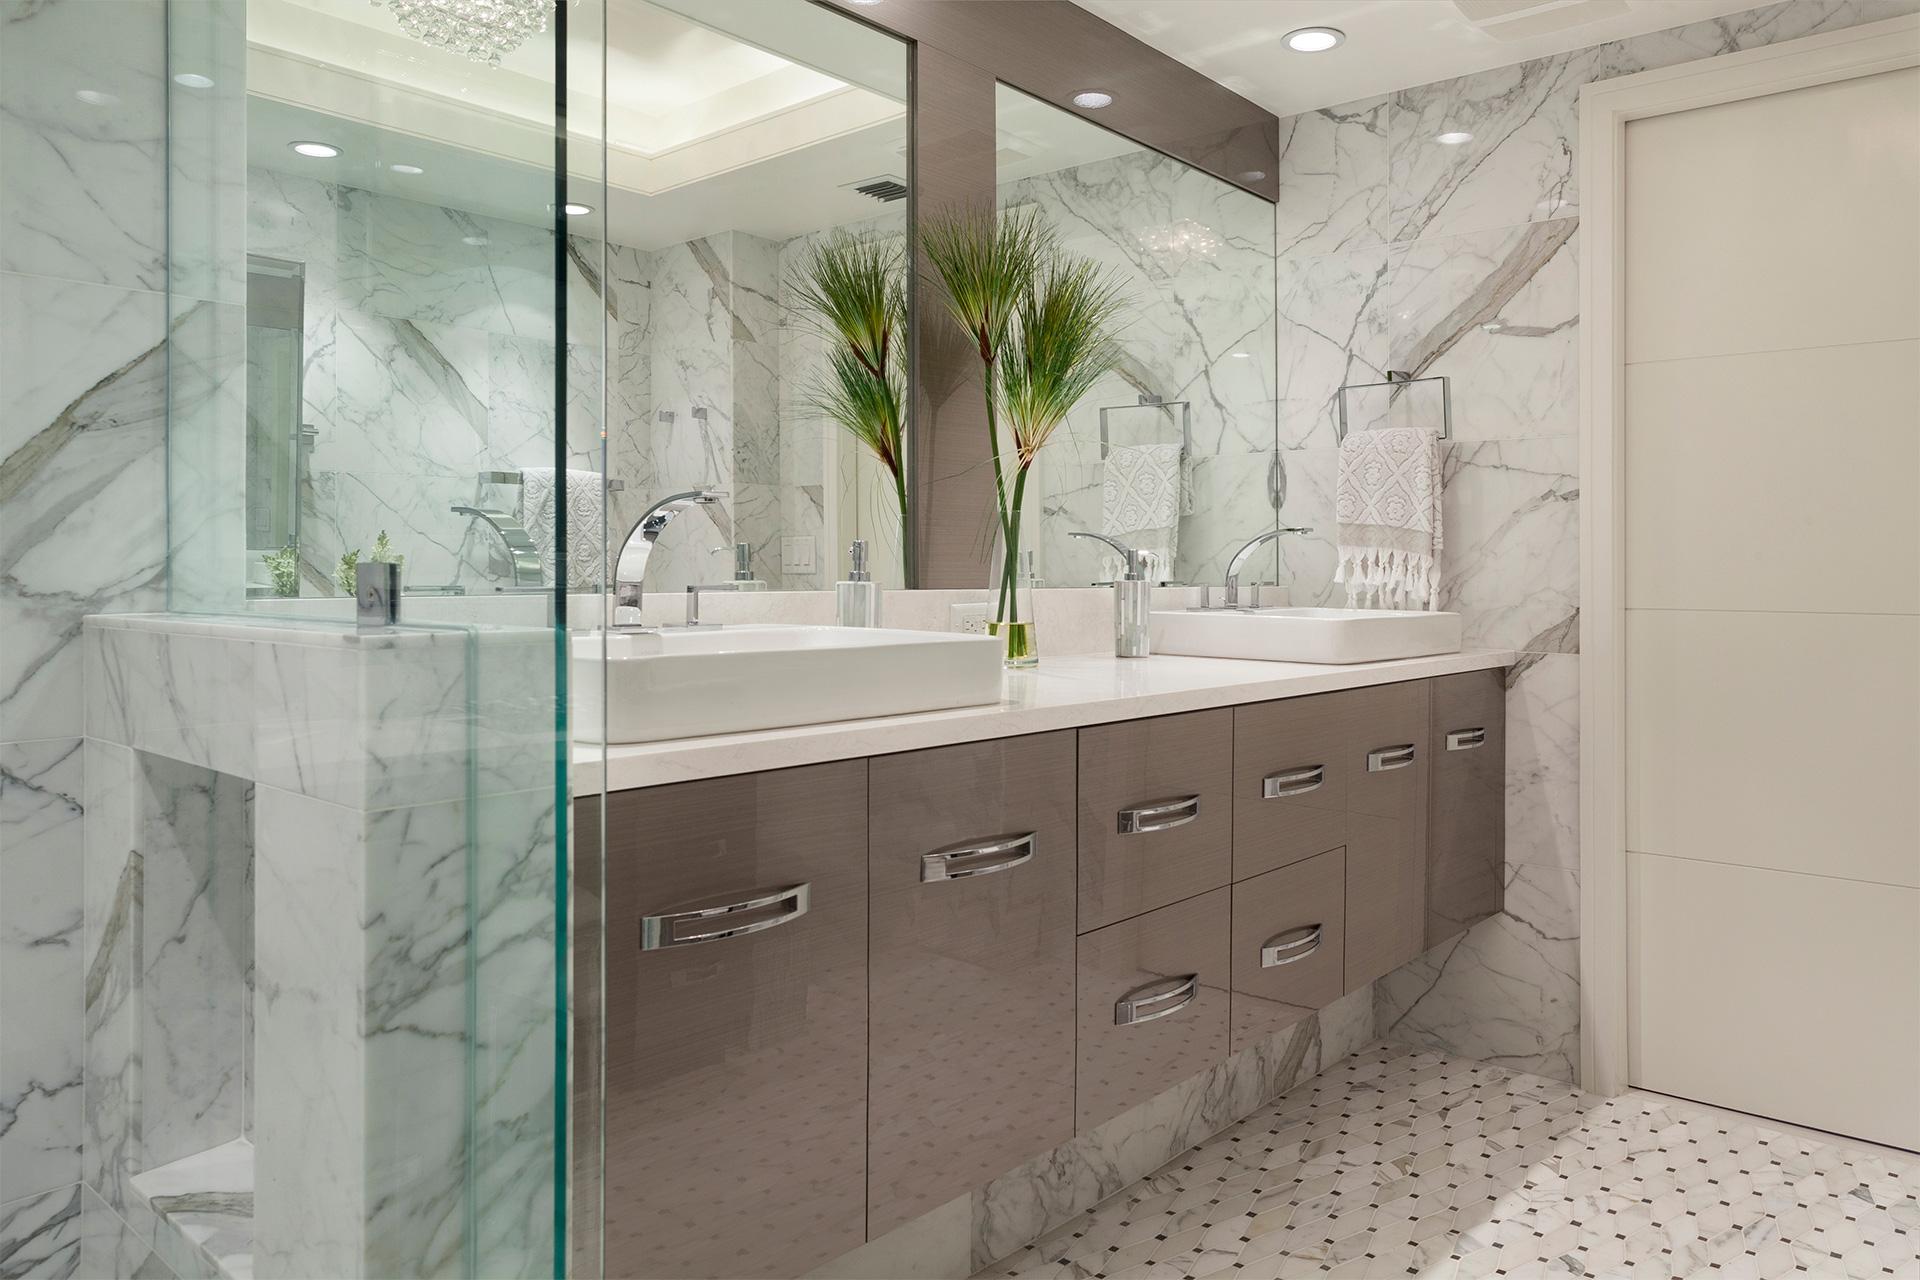 Bathroom vanities boca raton fl - Contemporary Baths